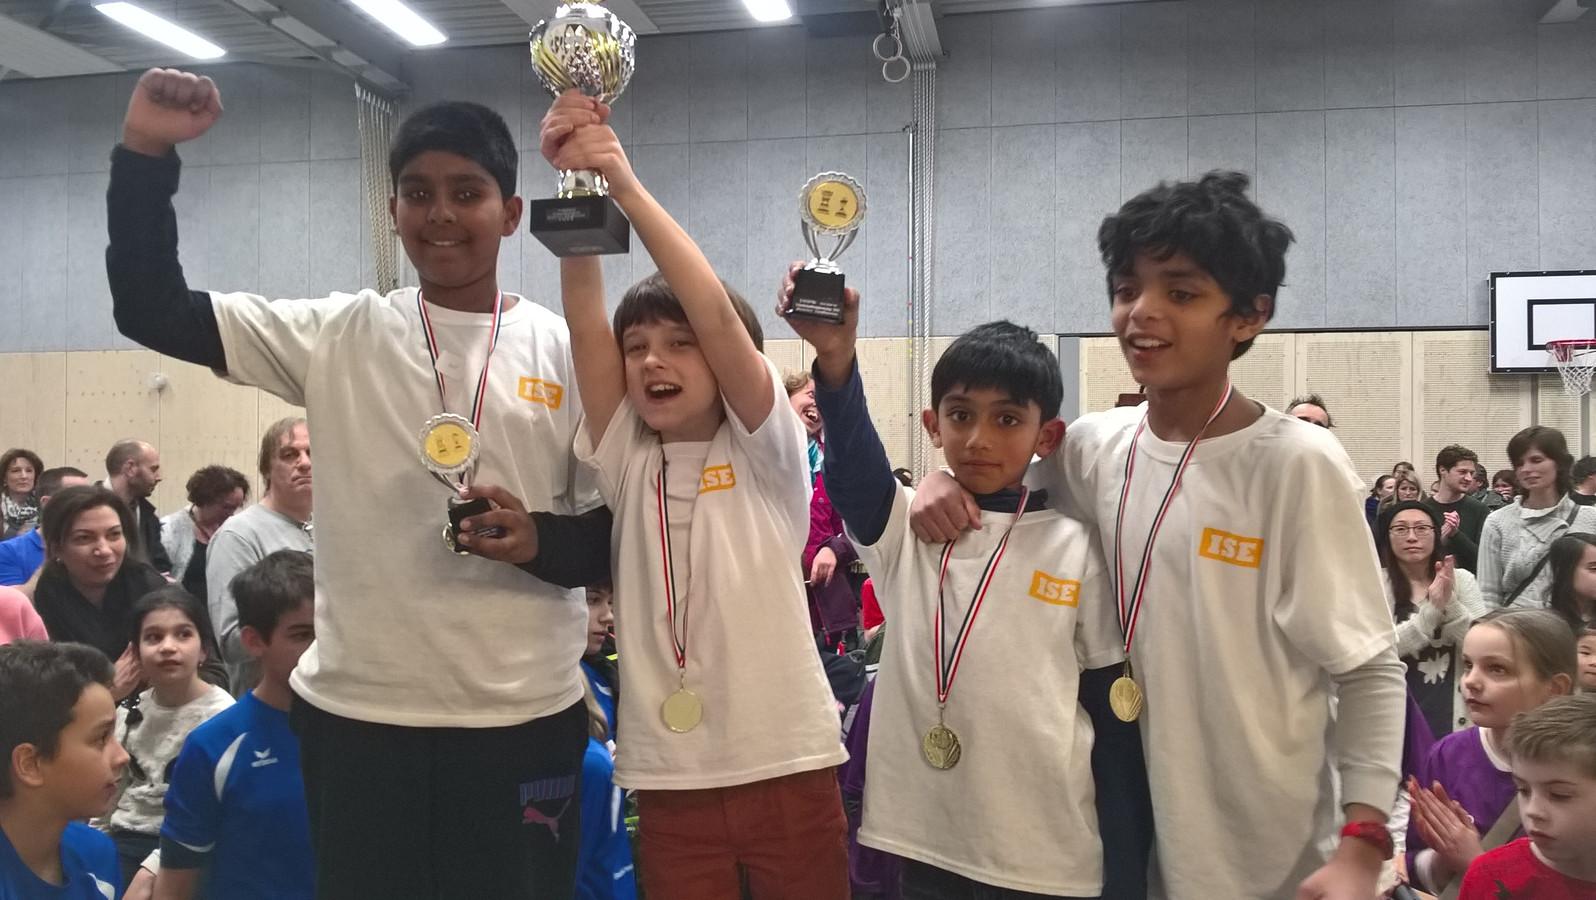 De winnaars van de districtskampioenschappen schaken.